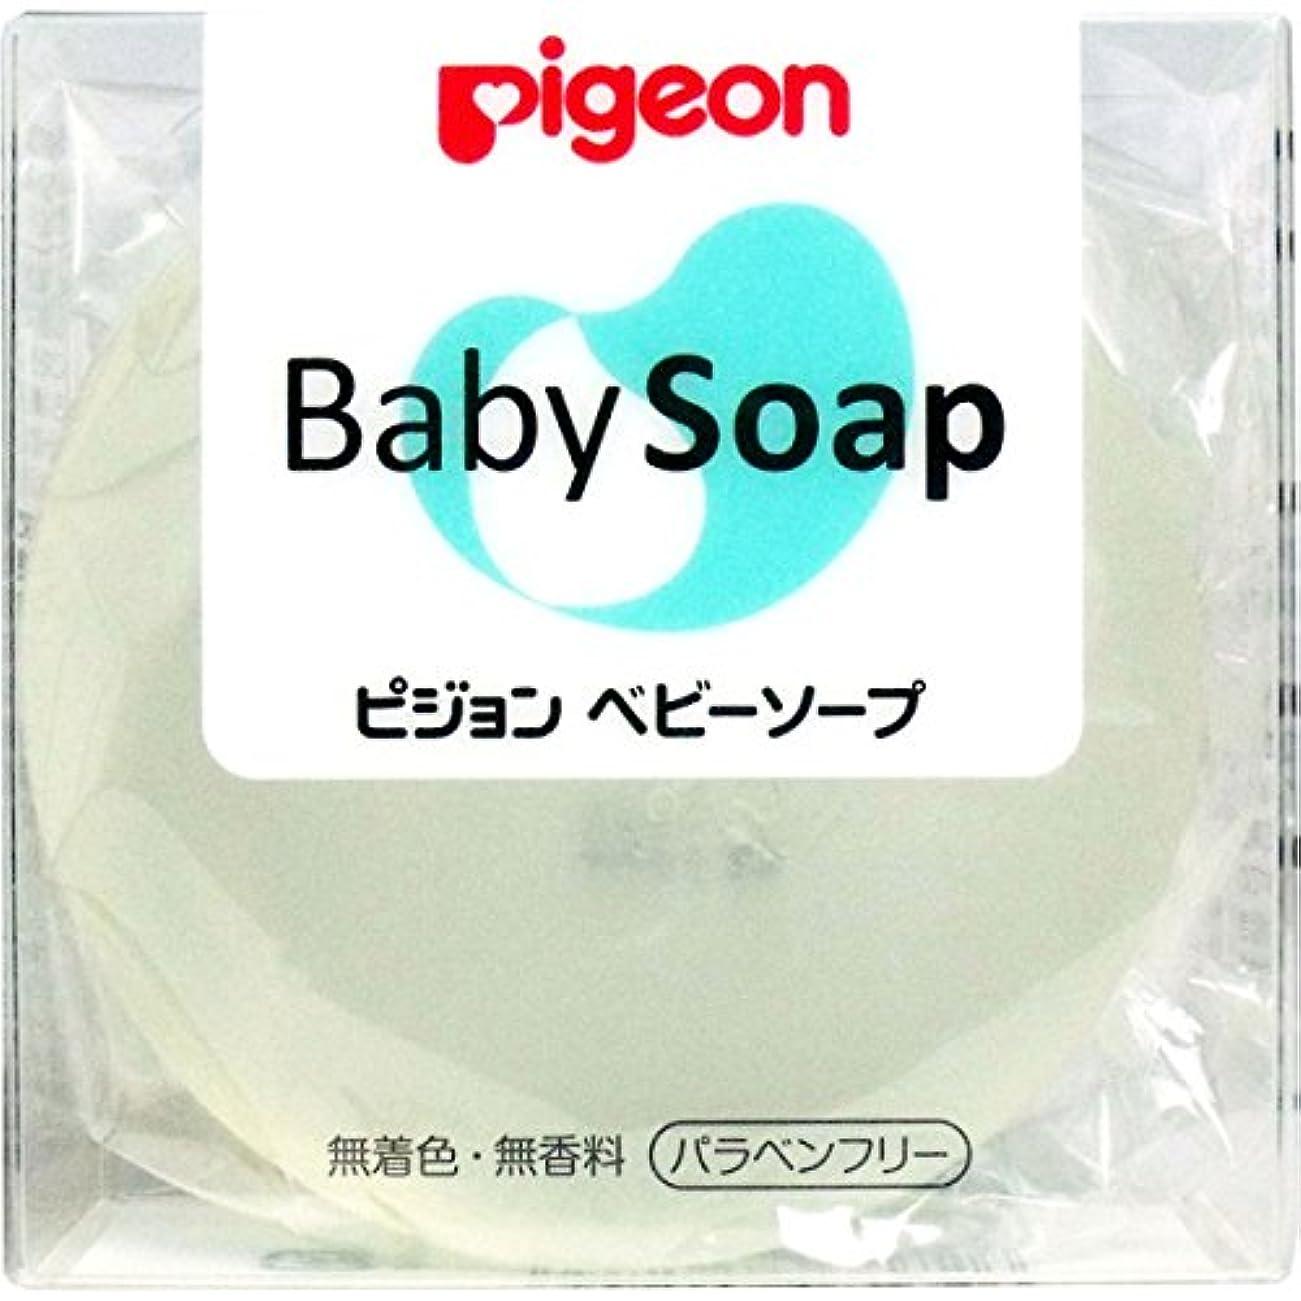 (ピジョン)ベビーソープ 替 90g(医薬部外品)